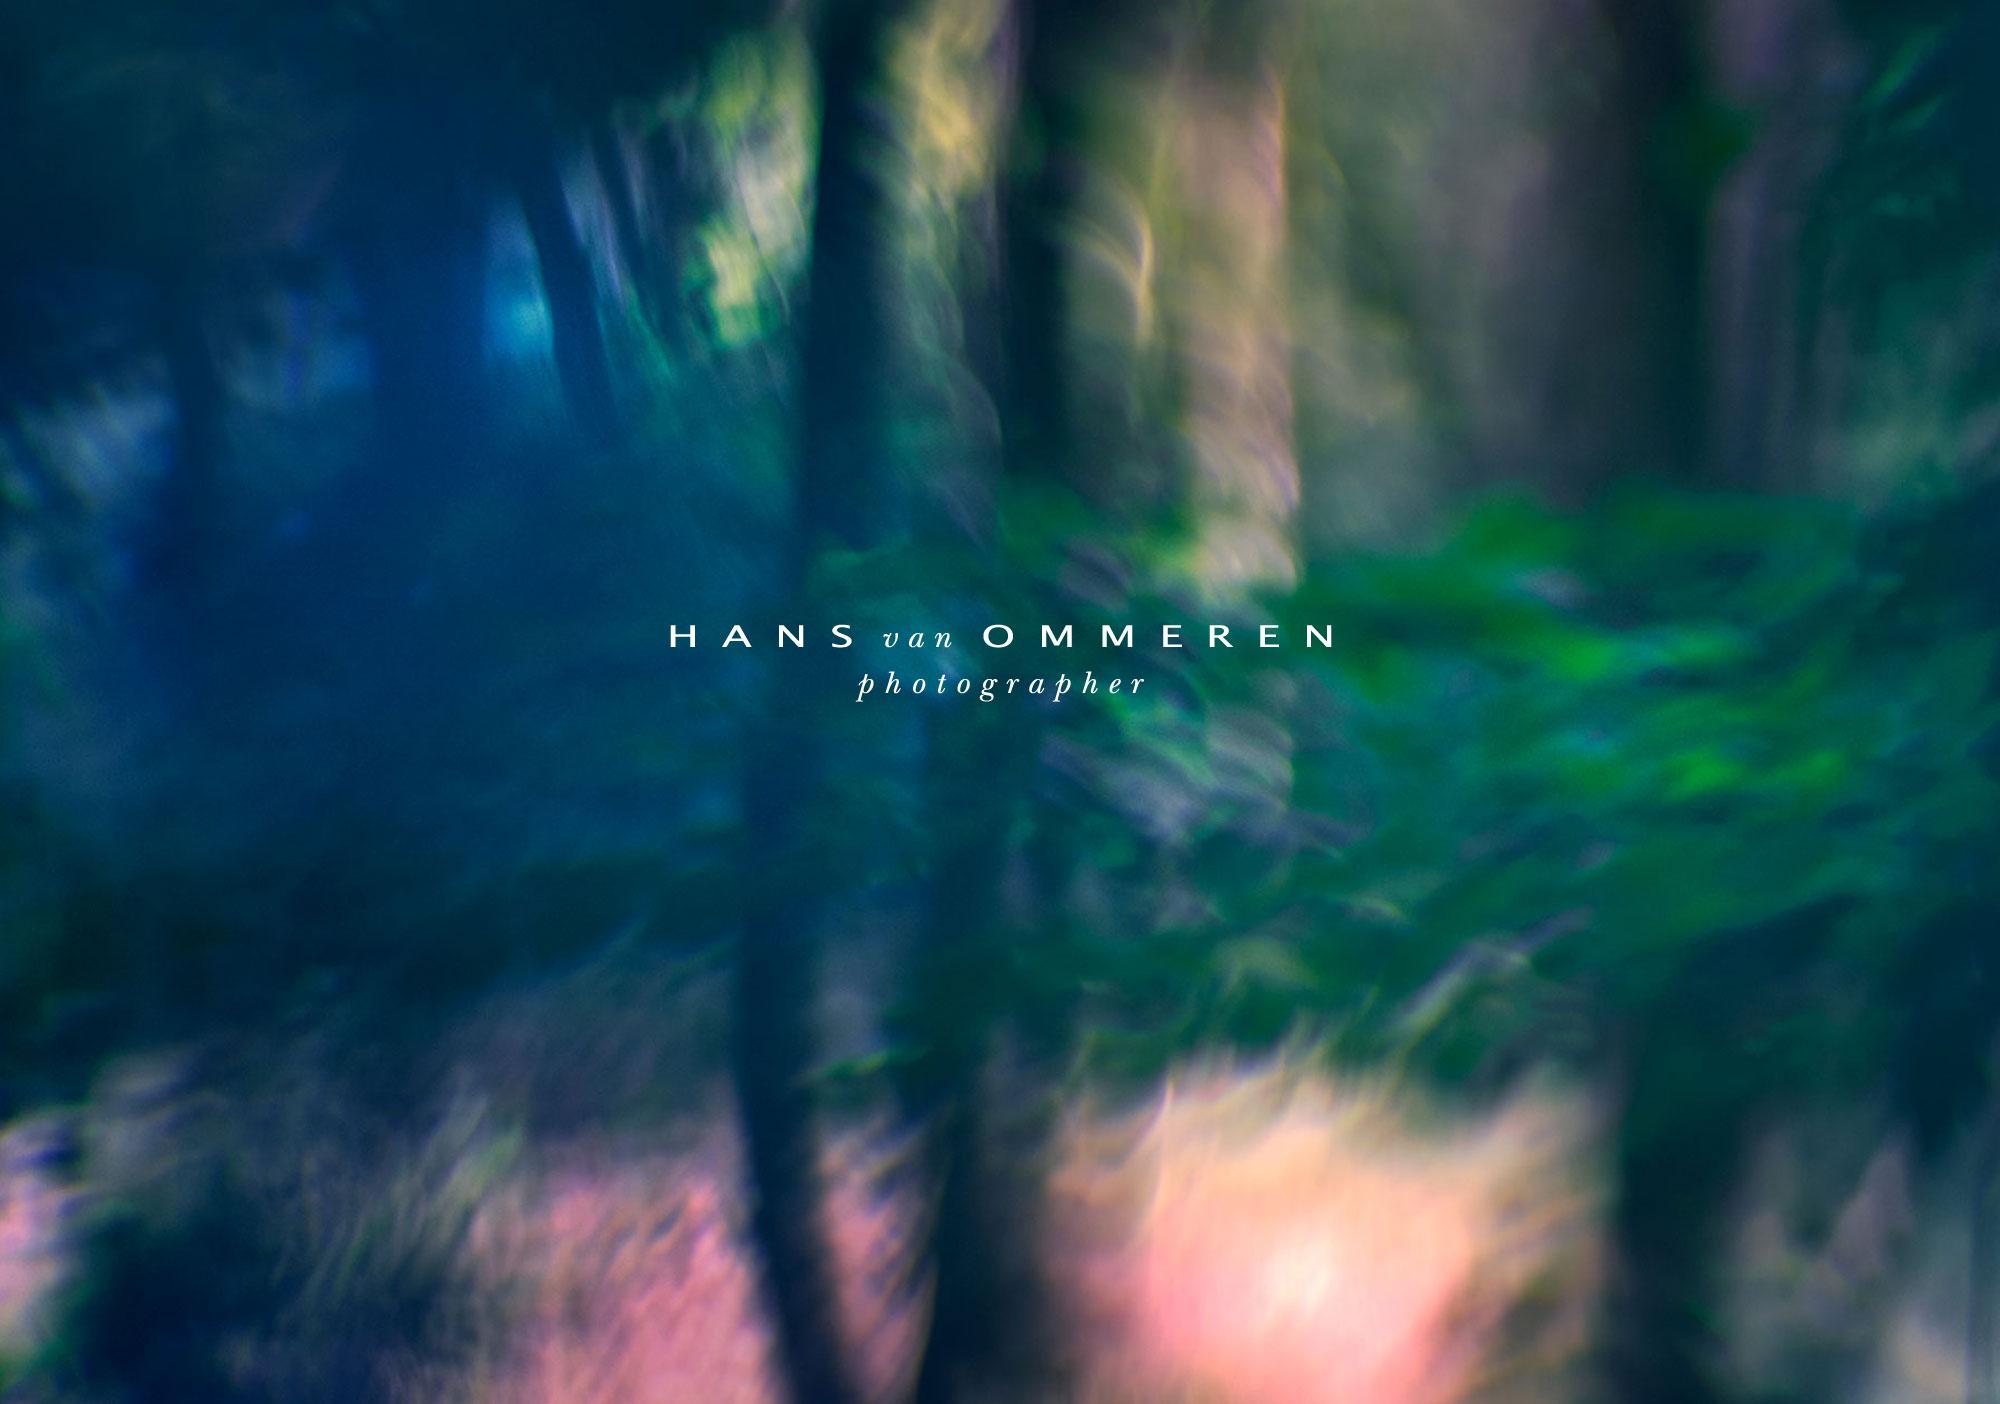 Hans van Ommeren - Photographer